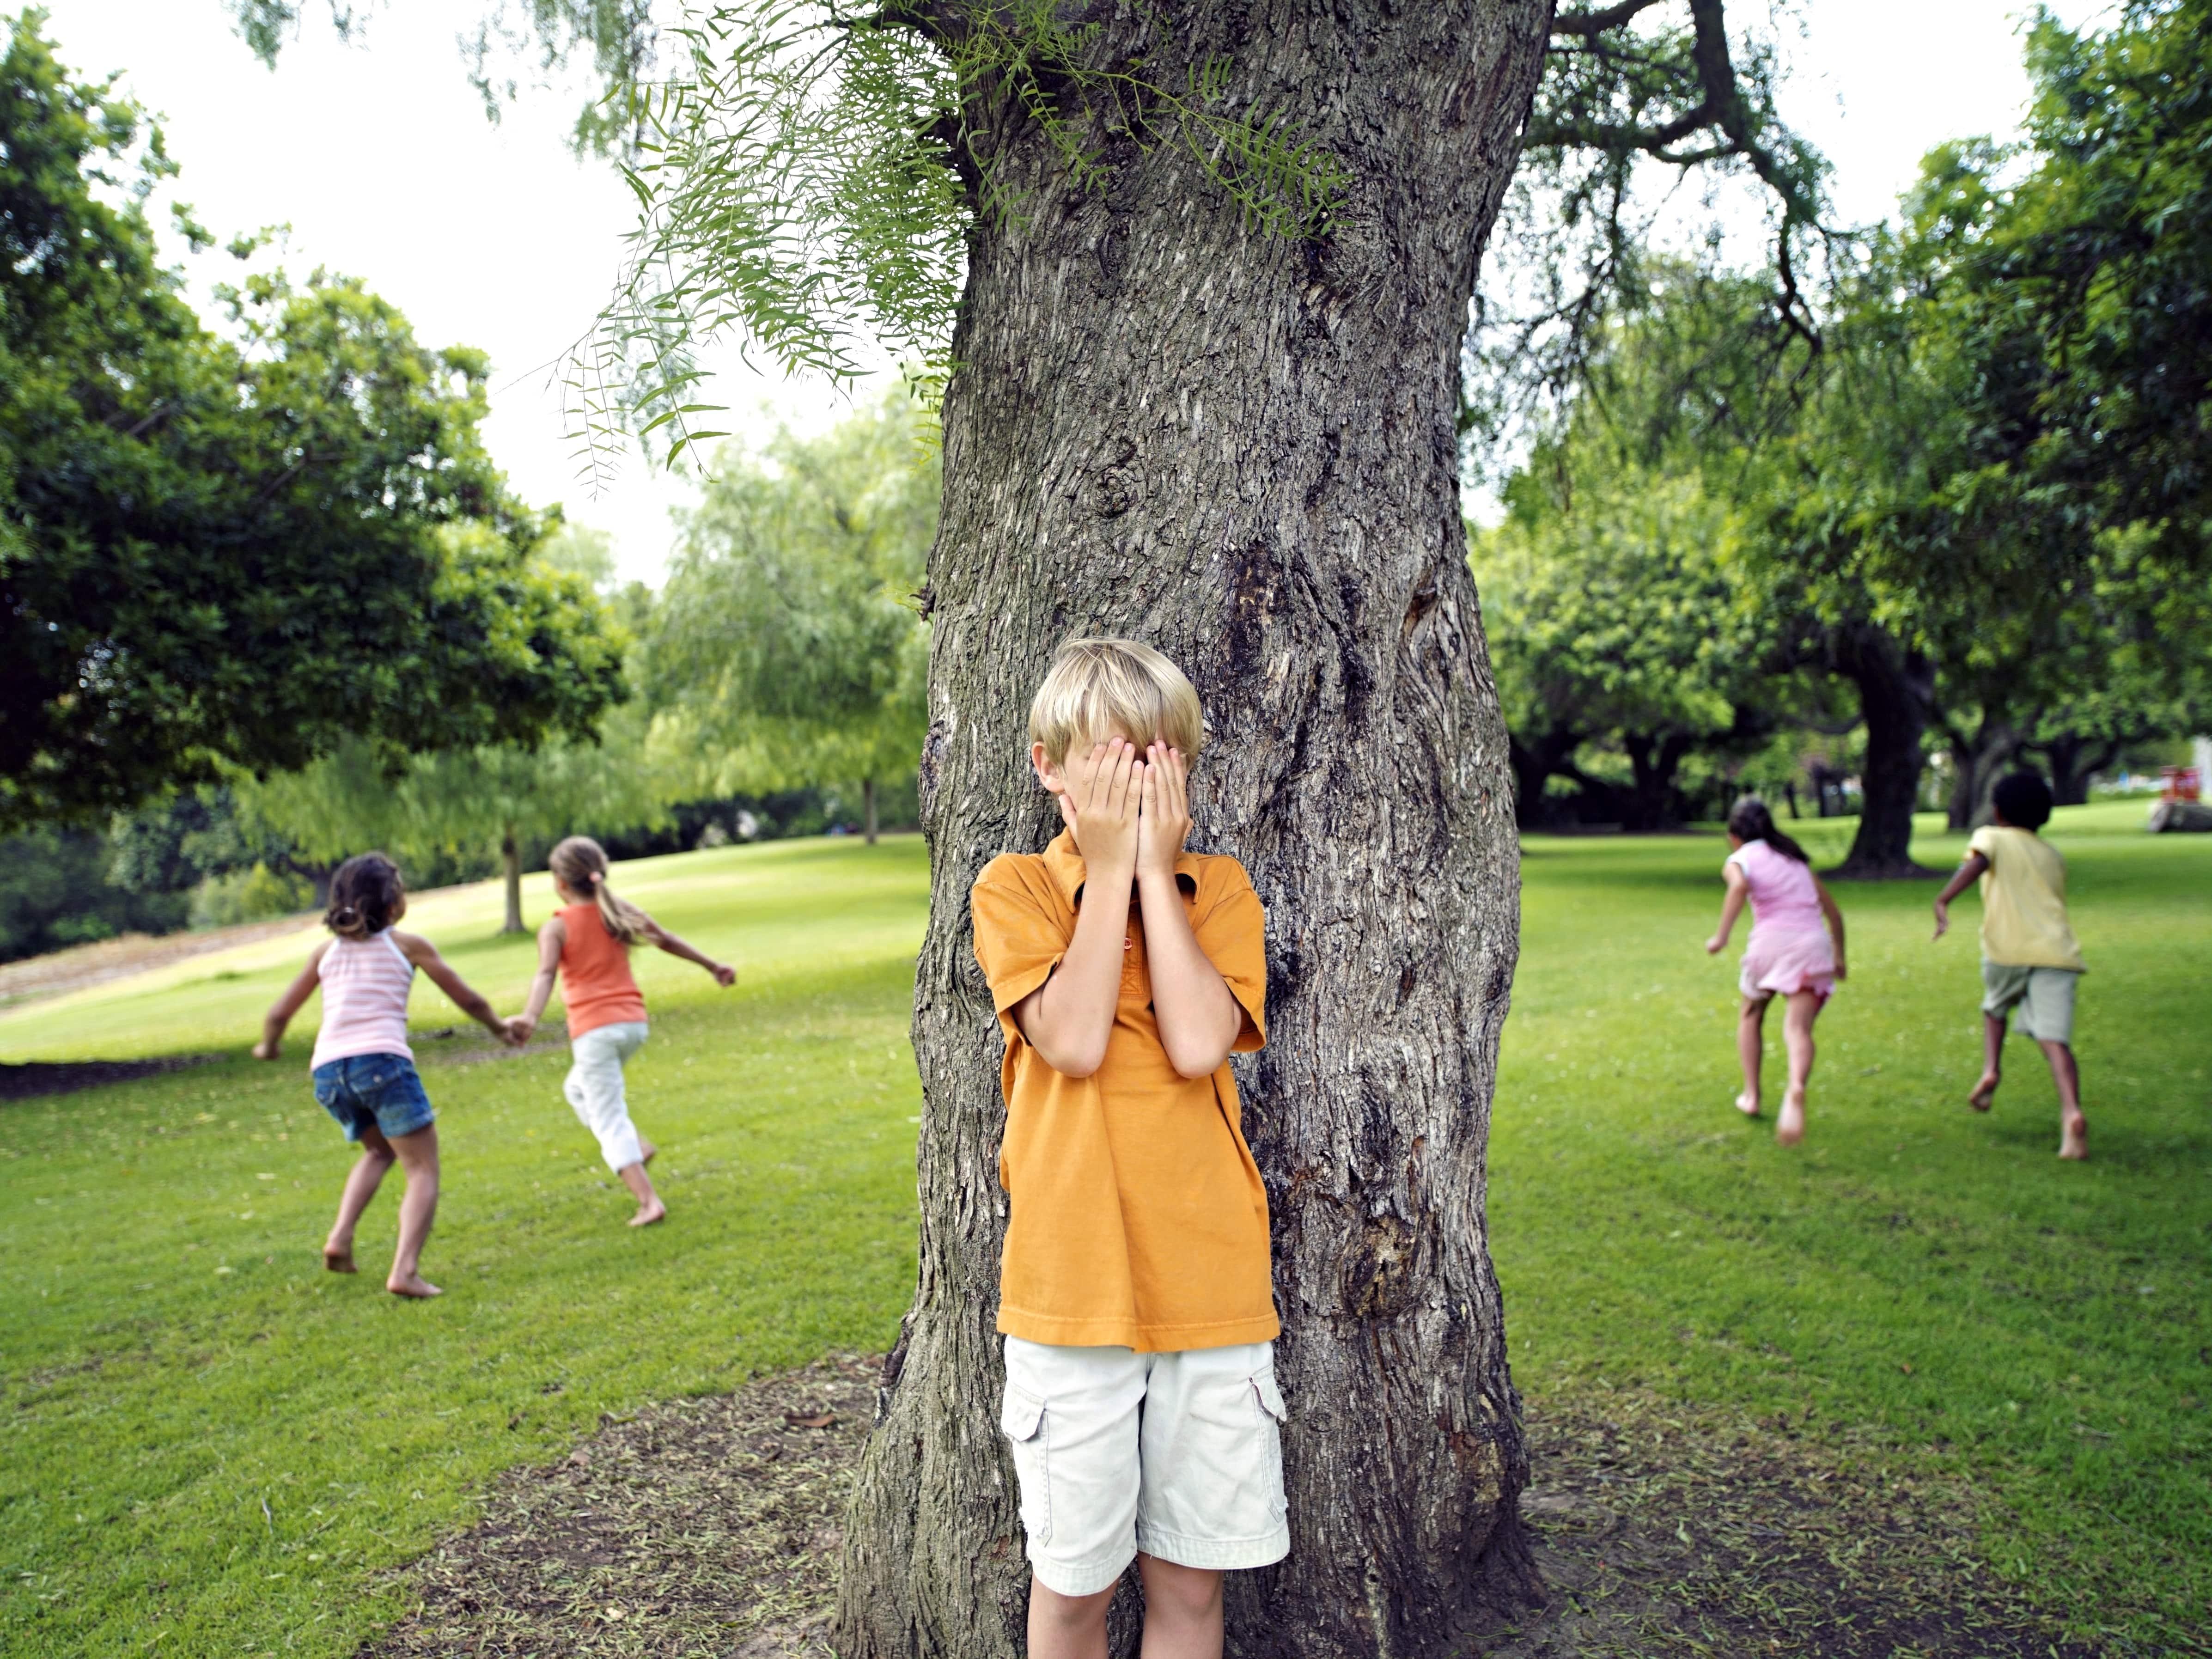 Crianças Brincando de Pique-Esconde no Parque